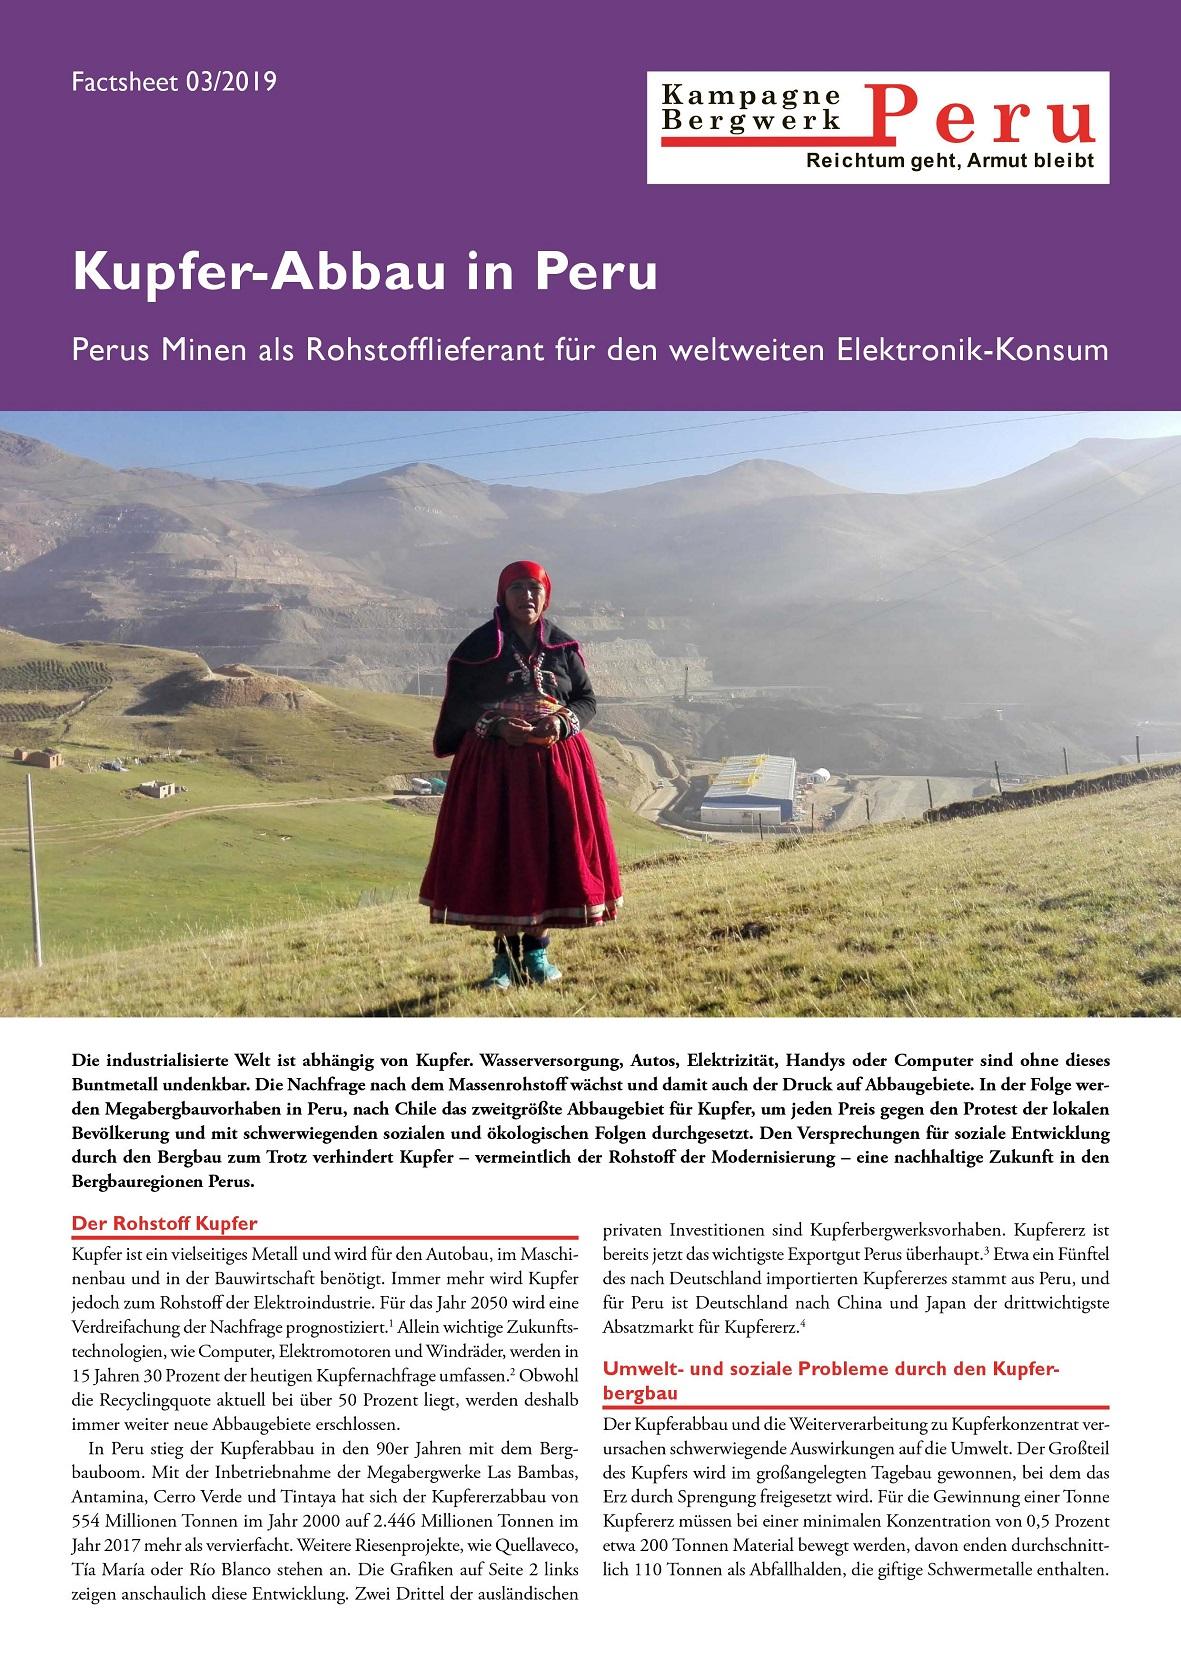 Kupferabbau in Peru